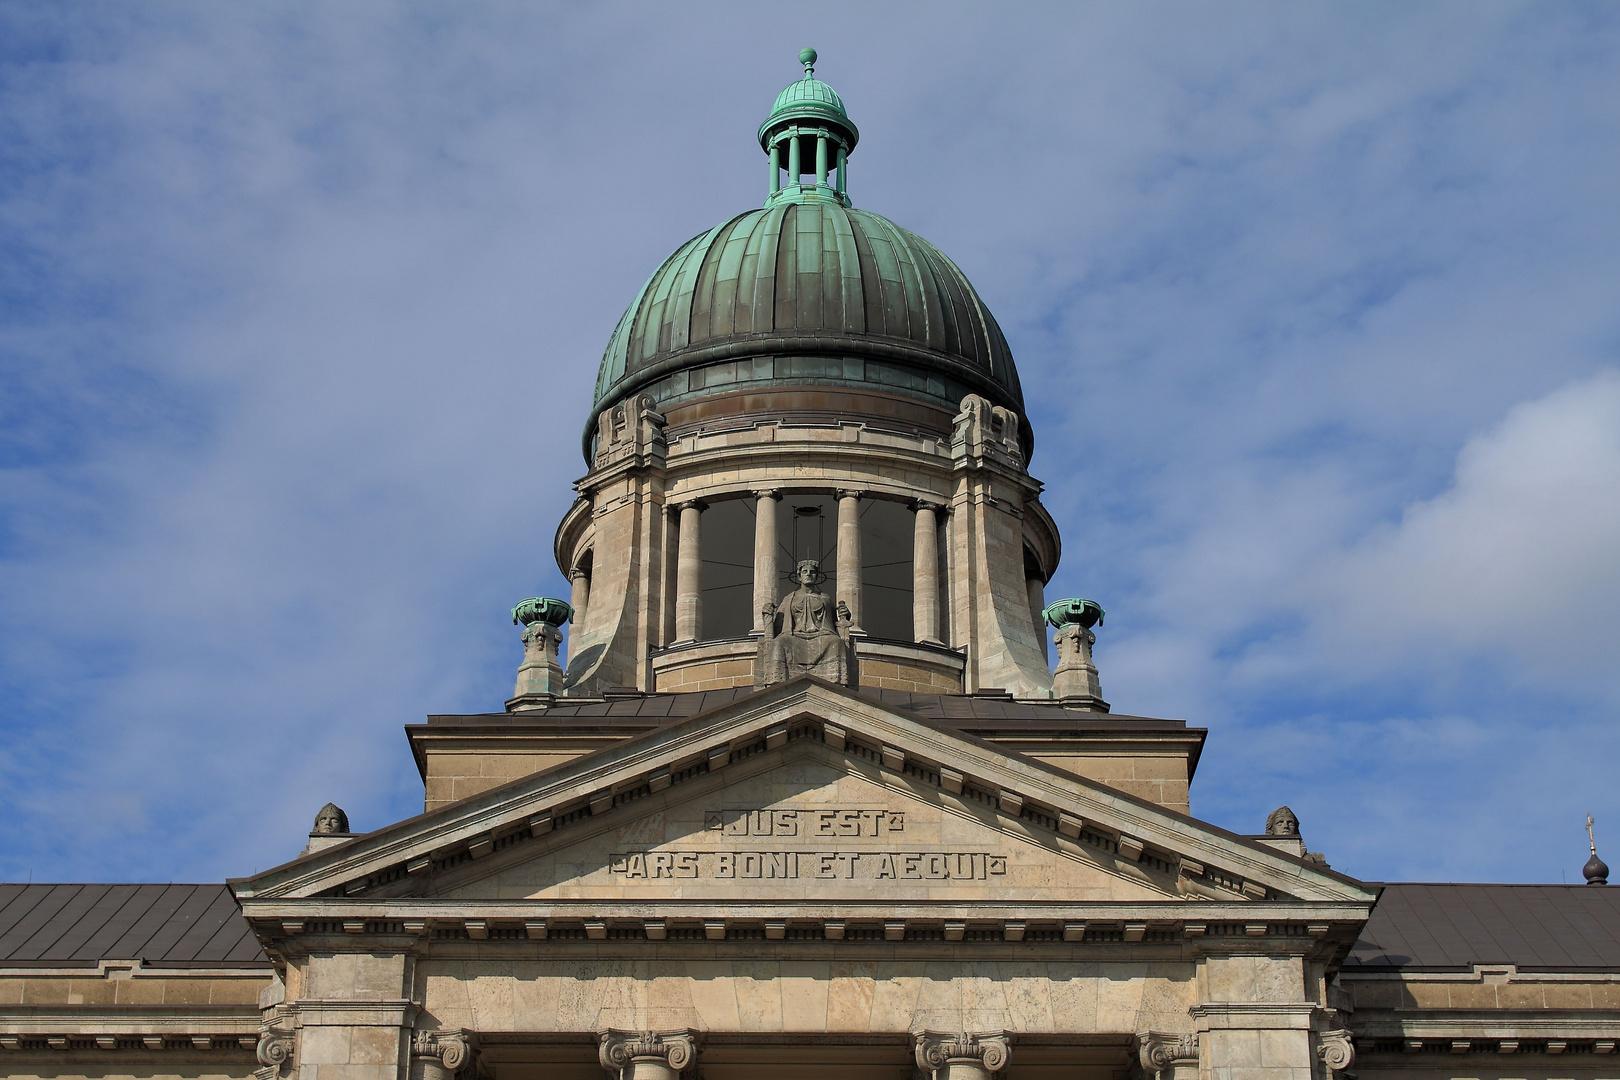 Turm des Hamburg Hanseatischen Oberlandesgerichts